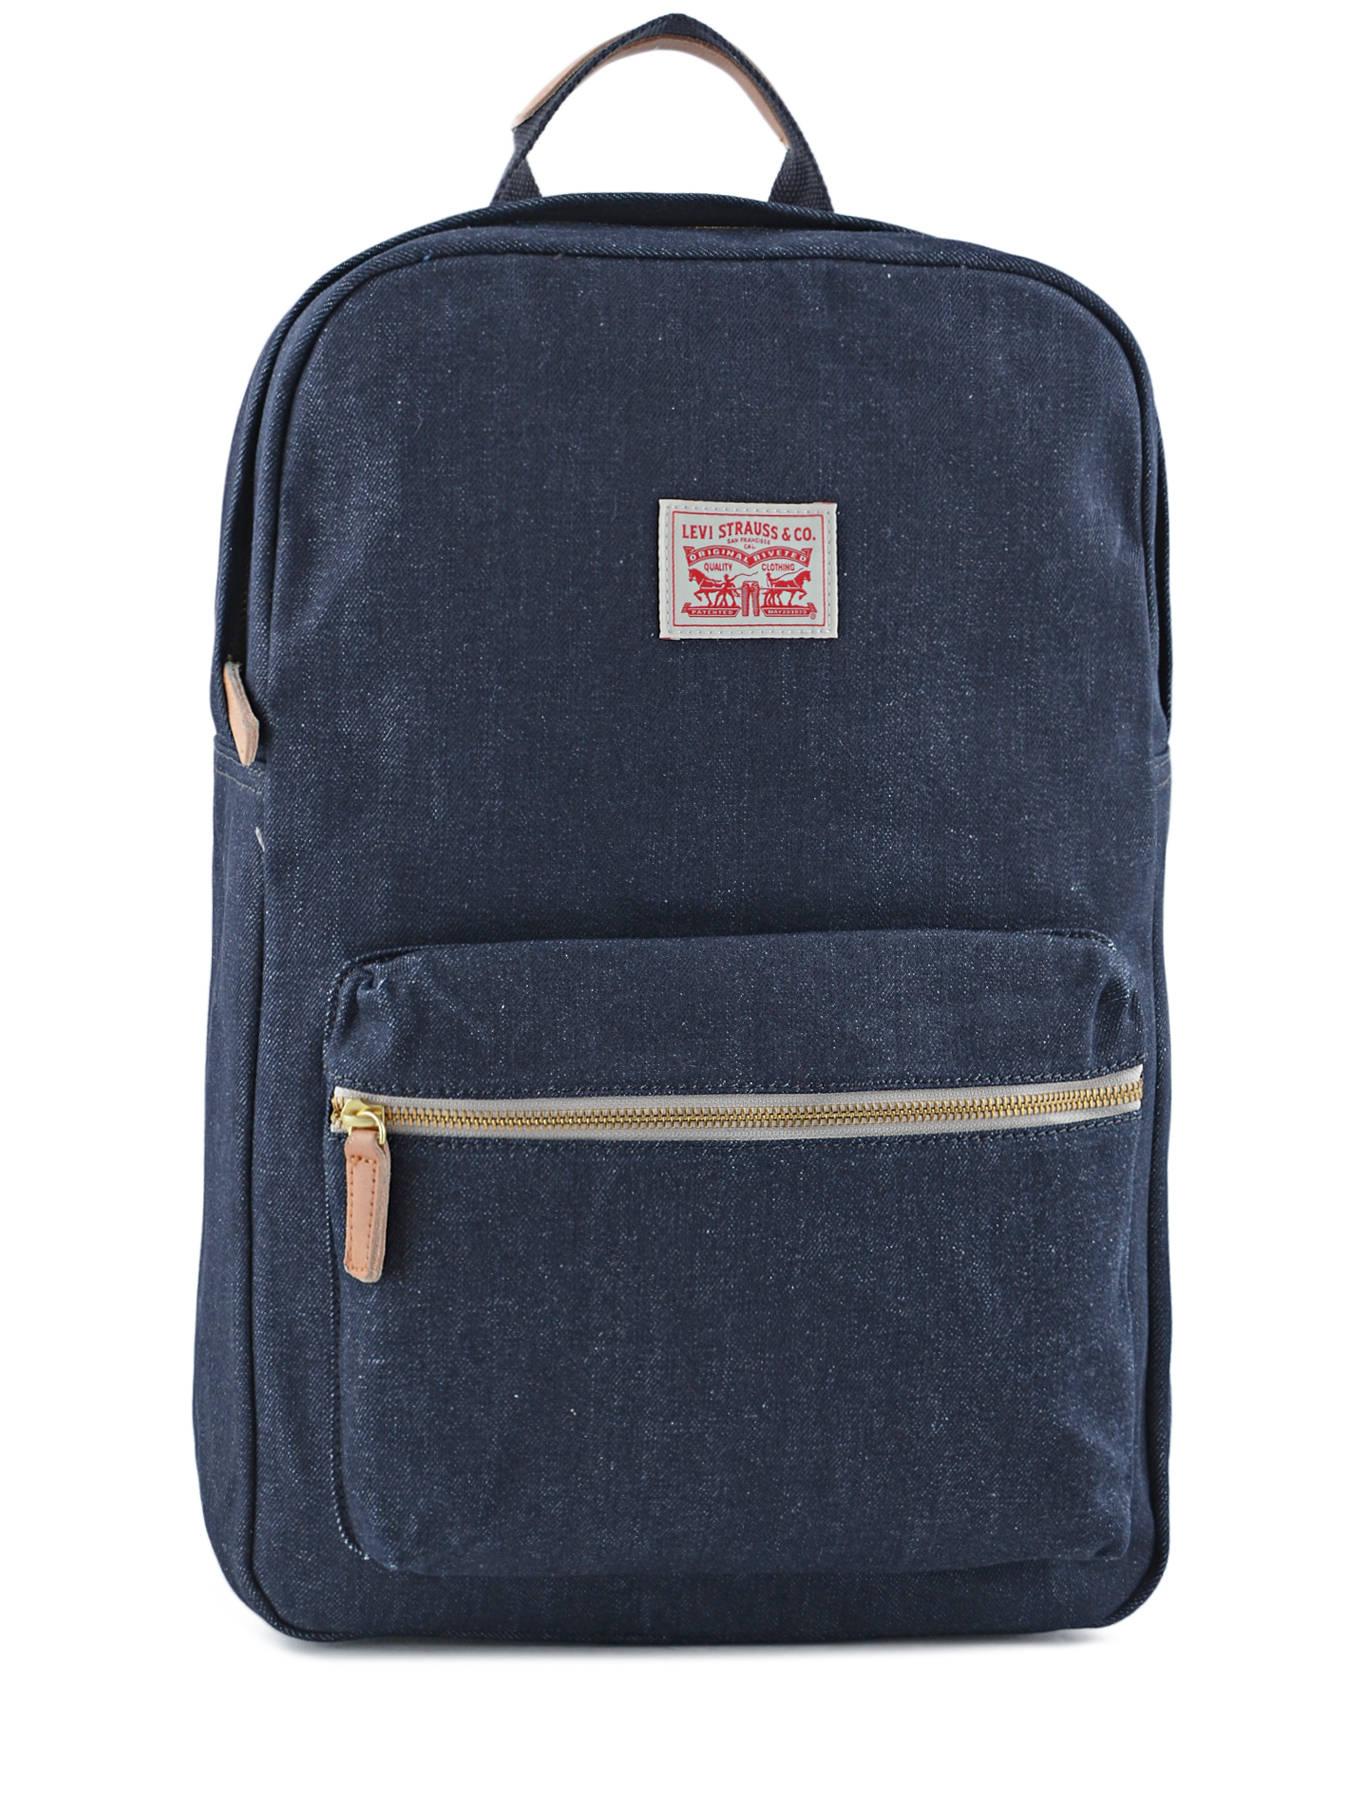 sac dos levi 39 s canvas dark blue en vente au meilleur prix. Black Bedroom Furniture Sets. Home Design Ideas